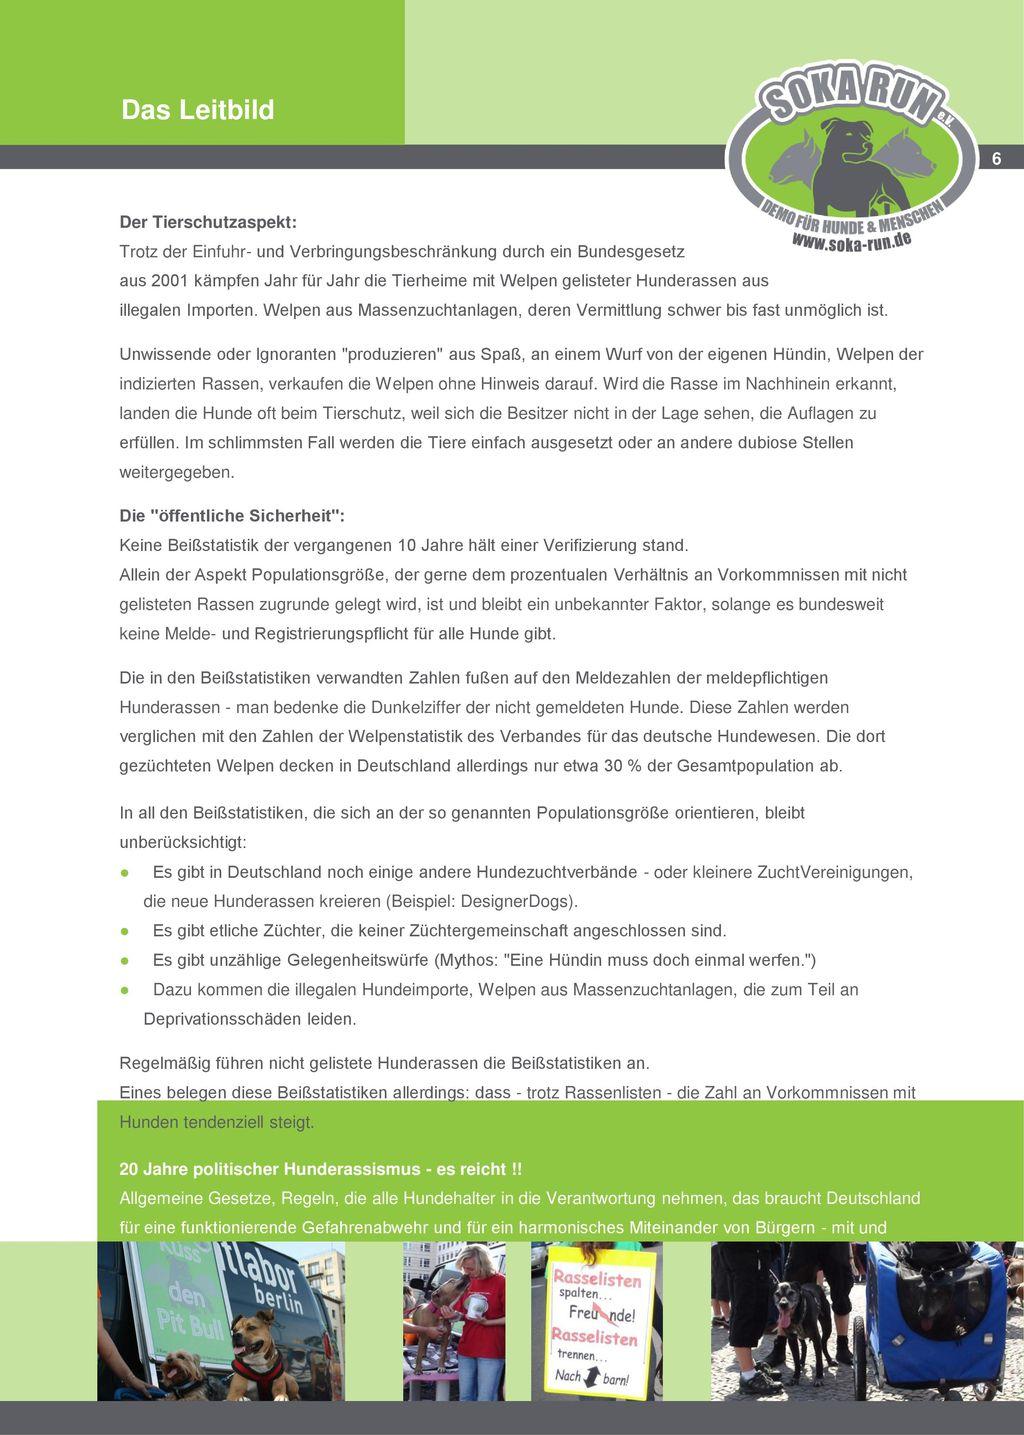 Das Leitbild 6. Der Tierschutzaspekt: Trotz der Einfuhr- und Verbringungsbeschränkung durch ein Bundesgesetz.